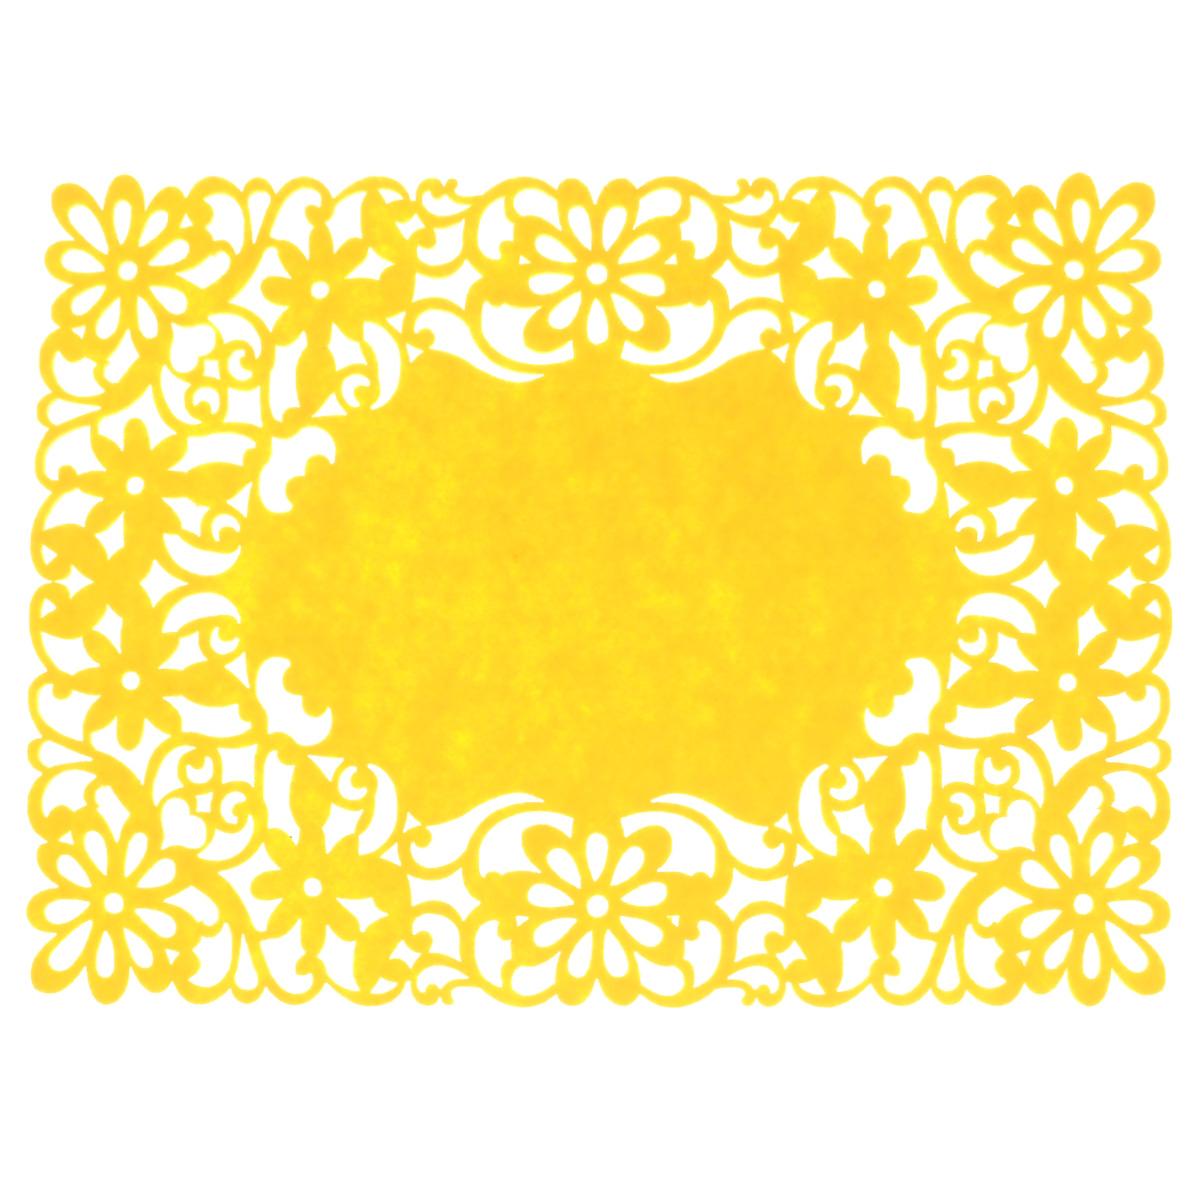 Салфетка Home Queen Цветы, цвет: желтый, 40 см х 30 см64498_4Прямоугольная салфетка Home Queen Цветы изготовлена из фетра и оформлена изысканной перфорацией в виде цветочных узоров. Такая салфетка прекрасно подойдет для украшения интерьера кухни, она сбережет стол от высоких температур и грязи.